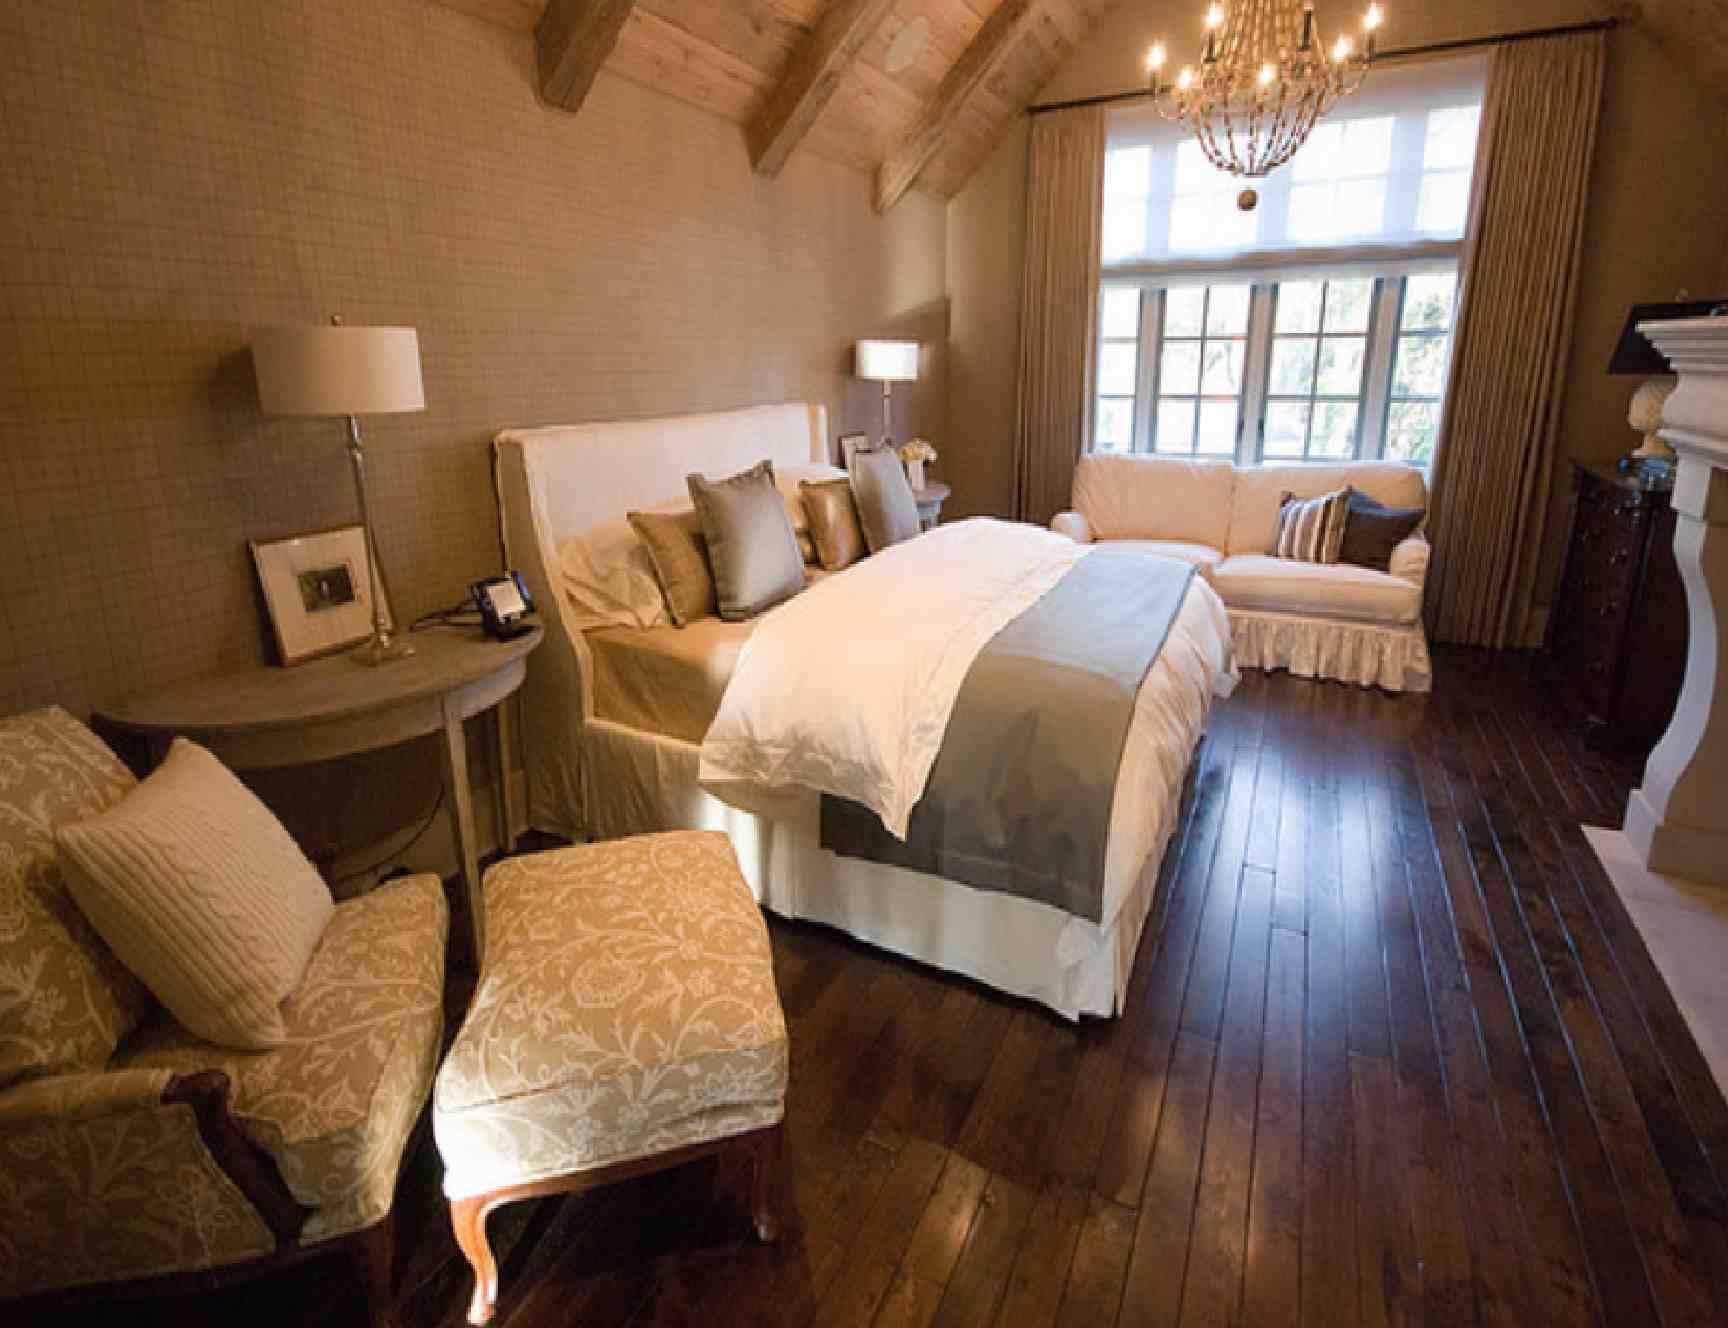 schlafzimmer mit kamin und holzboden-schlafzimmer dachschräge- sideboard schlafzimmer